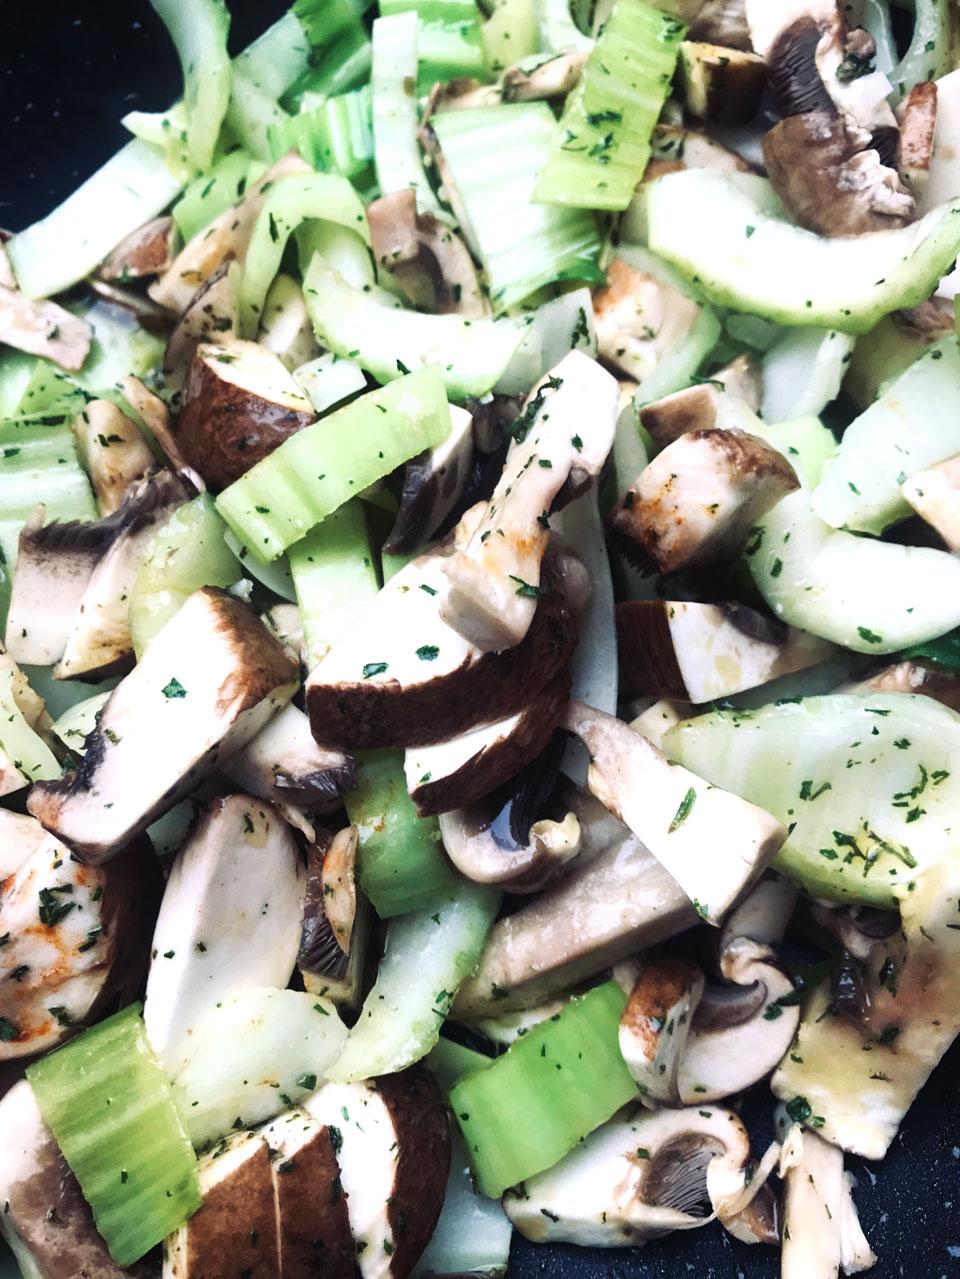 Schnelles Wok-Gemüse, Wok-Gemüse mit Pak Choi, Wok-Gemüse mit Spitzkohl, Wok-Gemüse zubereiten, schnelle und leckere Rezepte, Wok-Gemüse gesund und lecker, Pak Choi zubereiten, Spitzkohl zubereiten, gesunde Rezepte, Wok-Gemüse mit Pak Choi, Spitzkohl und Kräutern